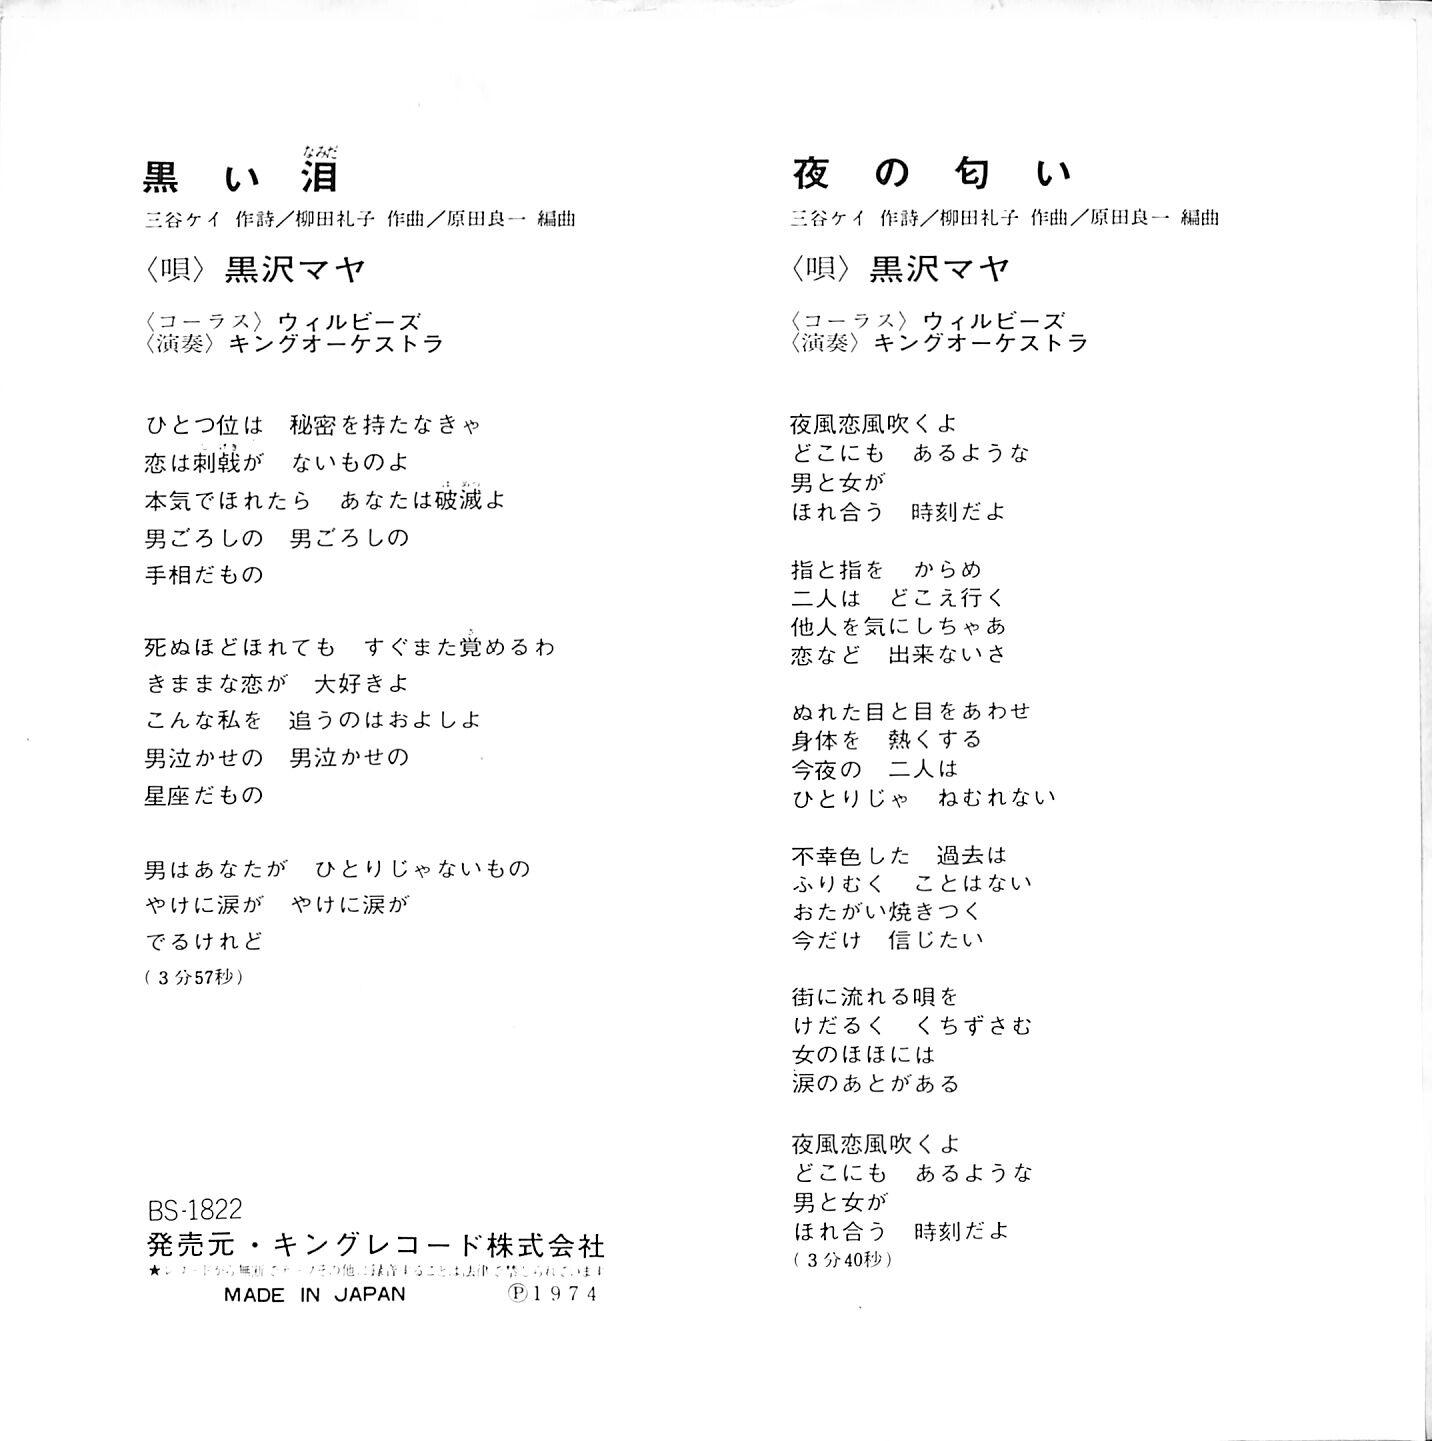 https://p1-e6eeae93.imageflux.jp/booksch/7e45ae8eec4c33de0778.jpg